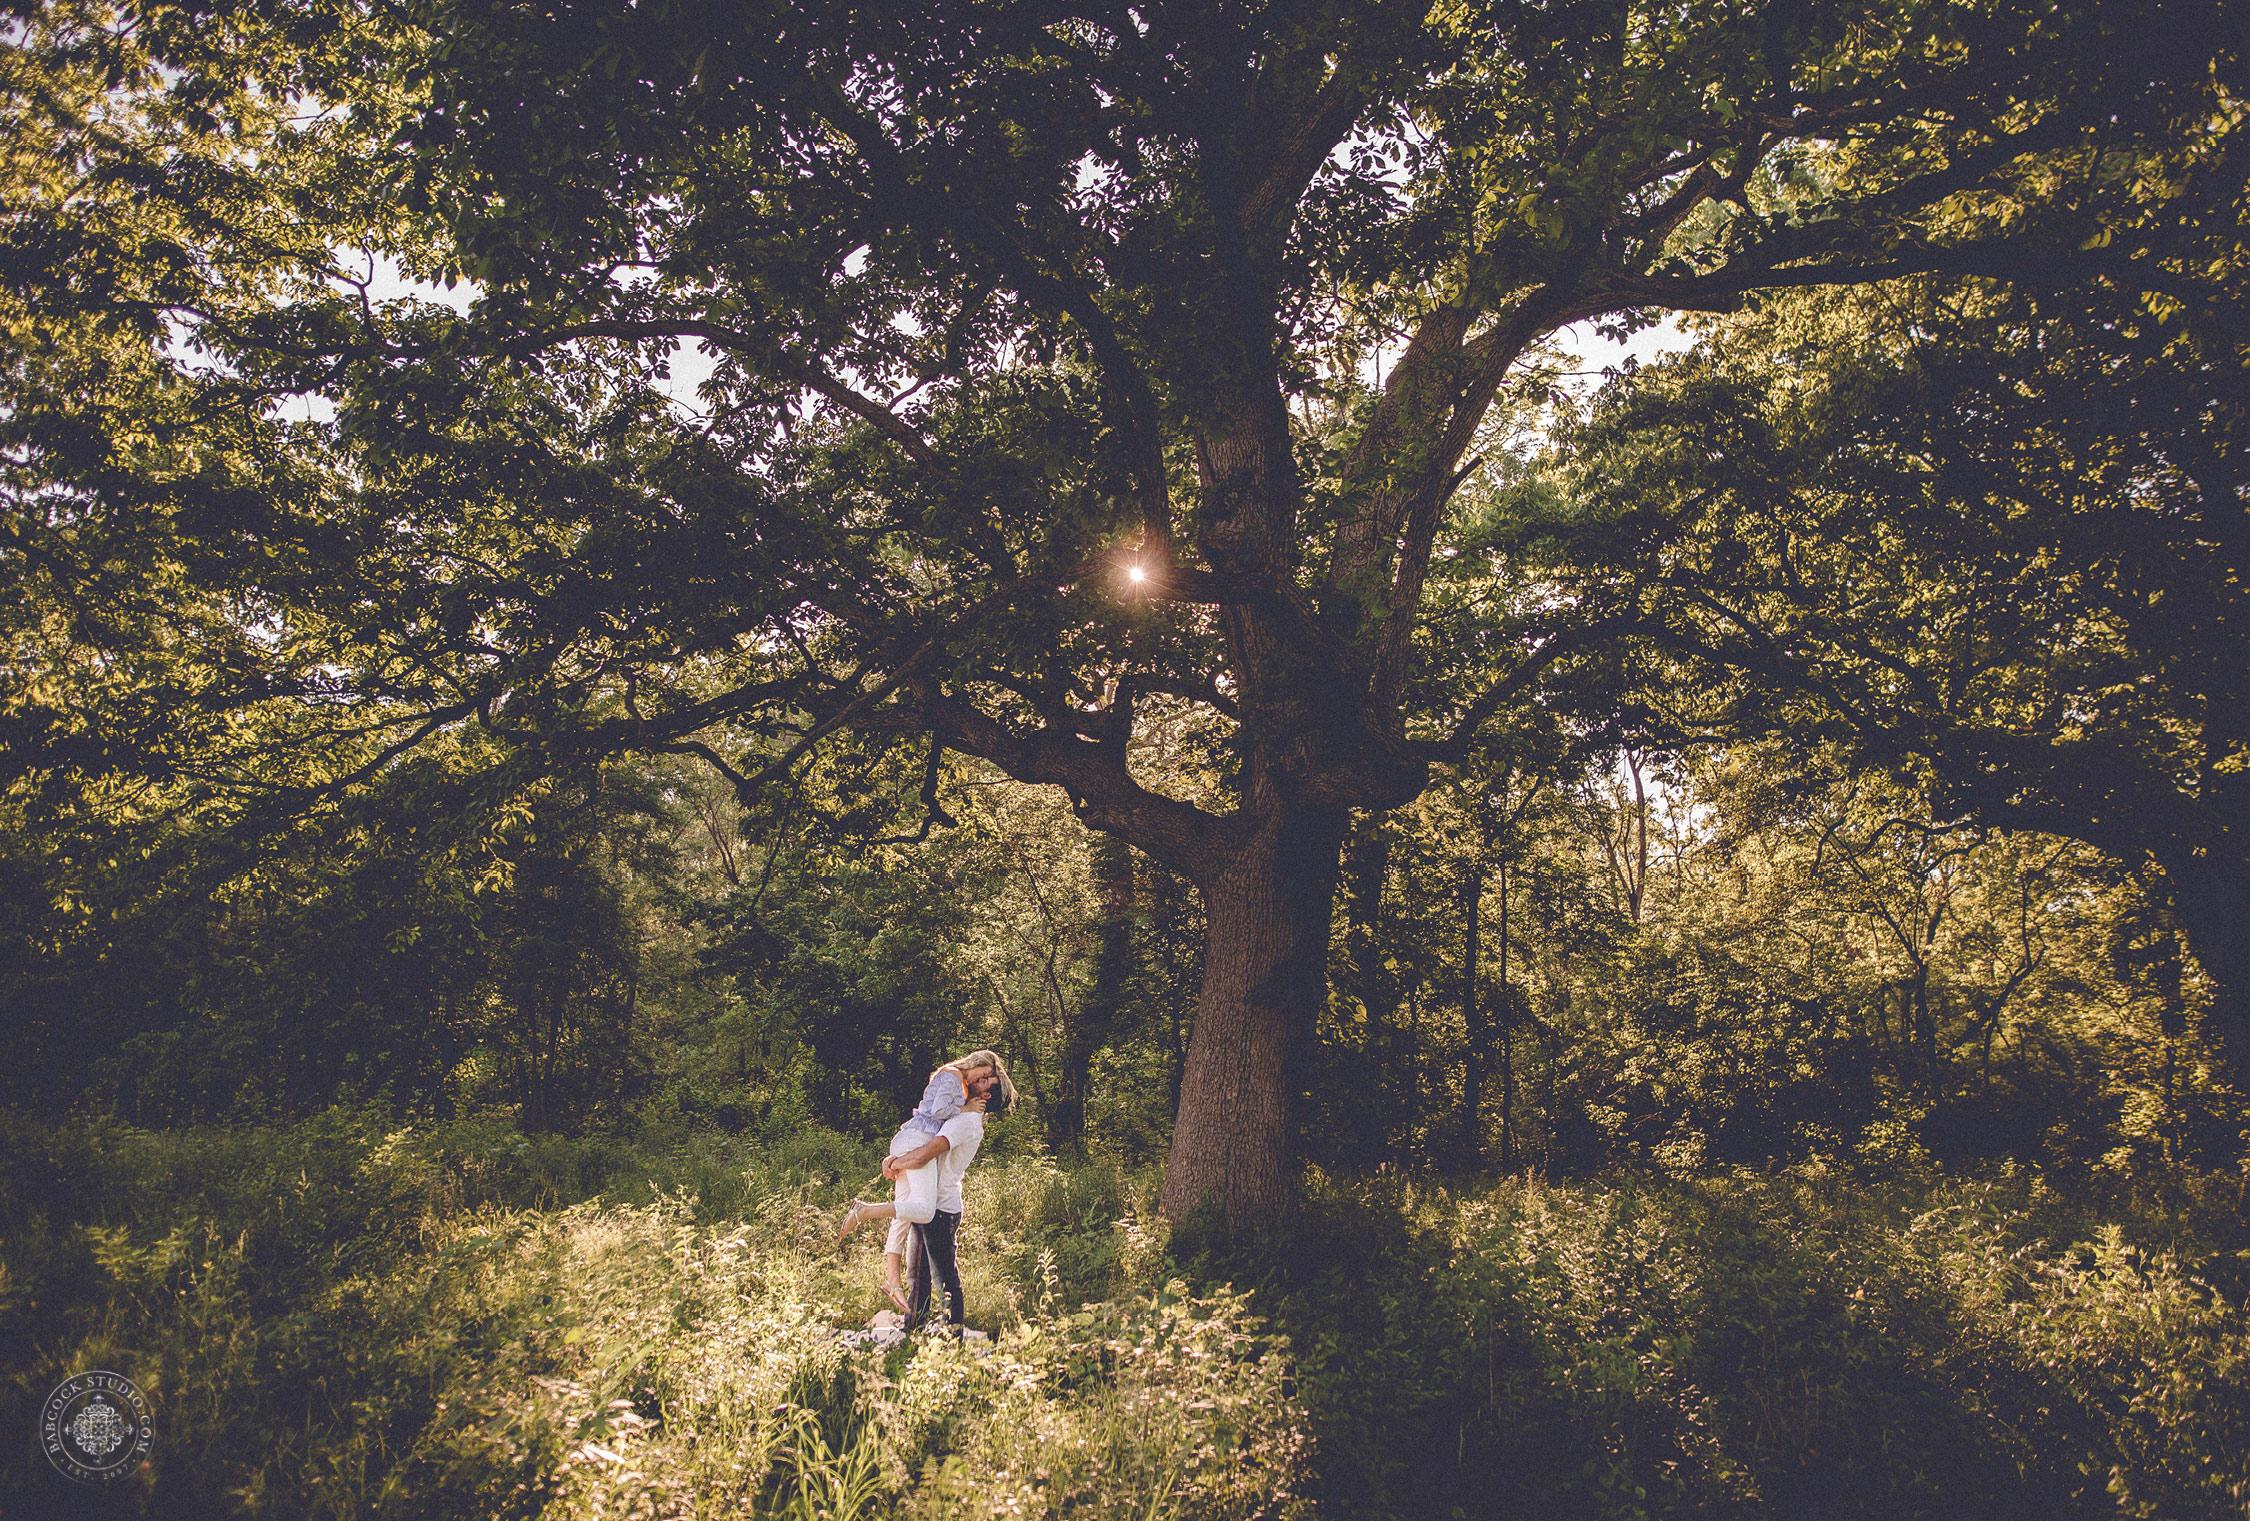 briana-ryan-engagement-photographer-dayton-ohio-.jpg